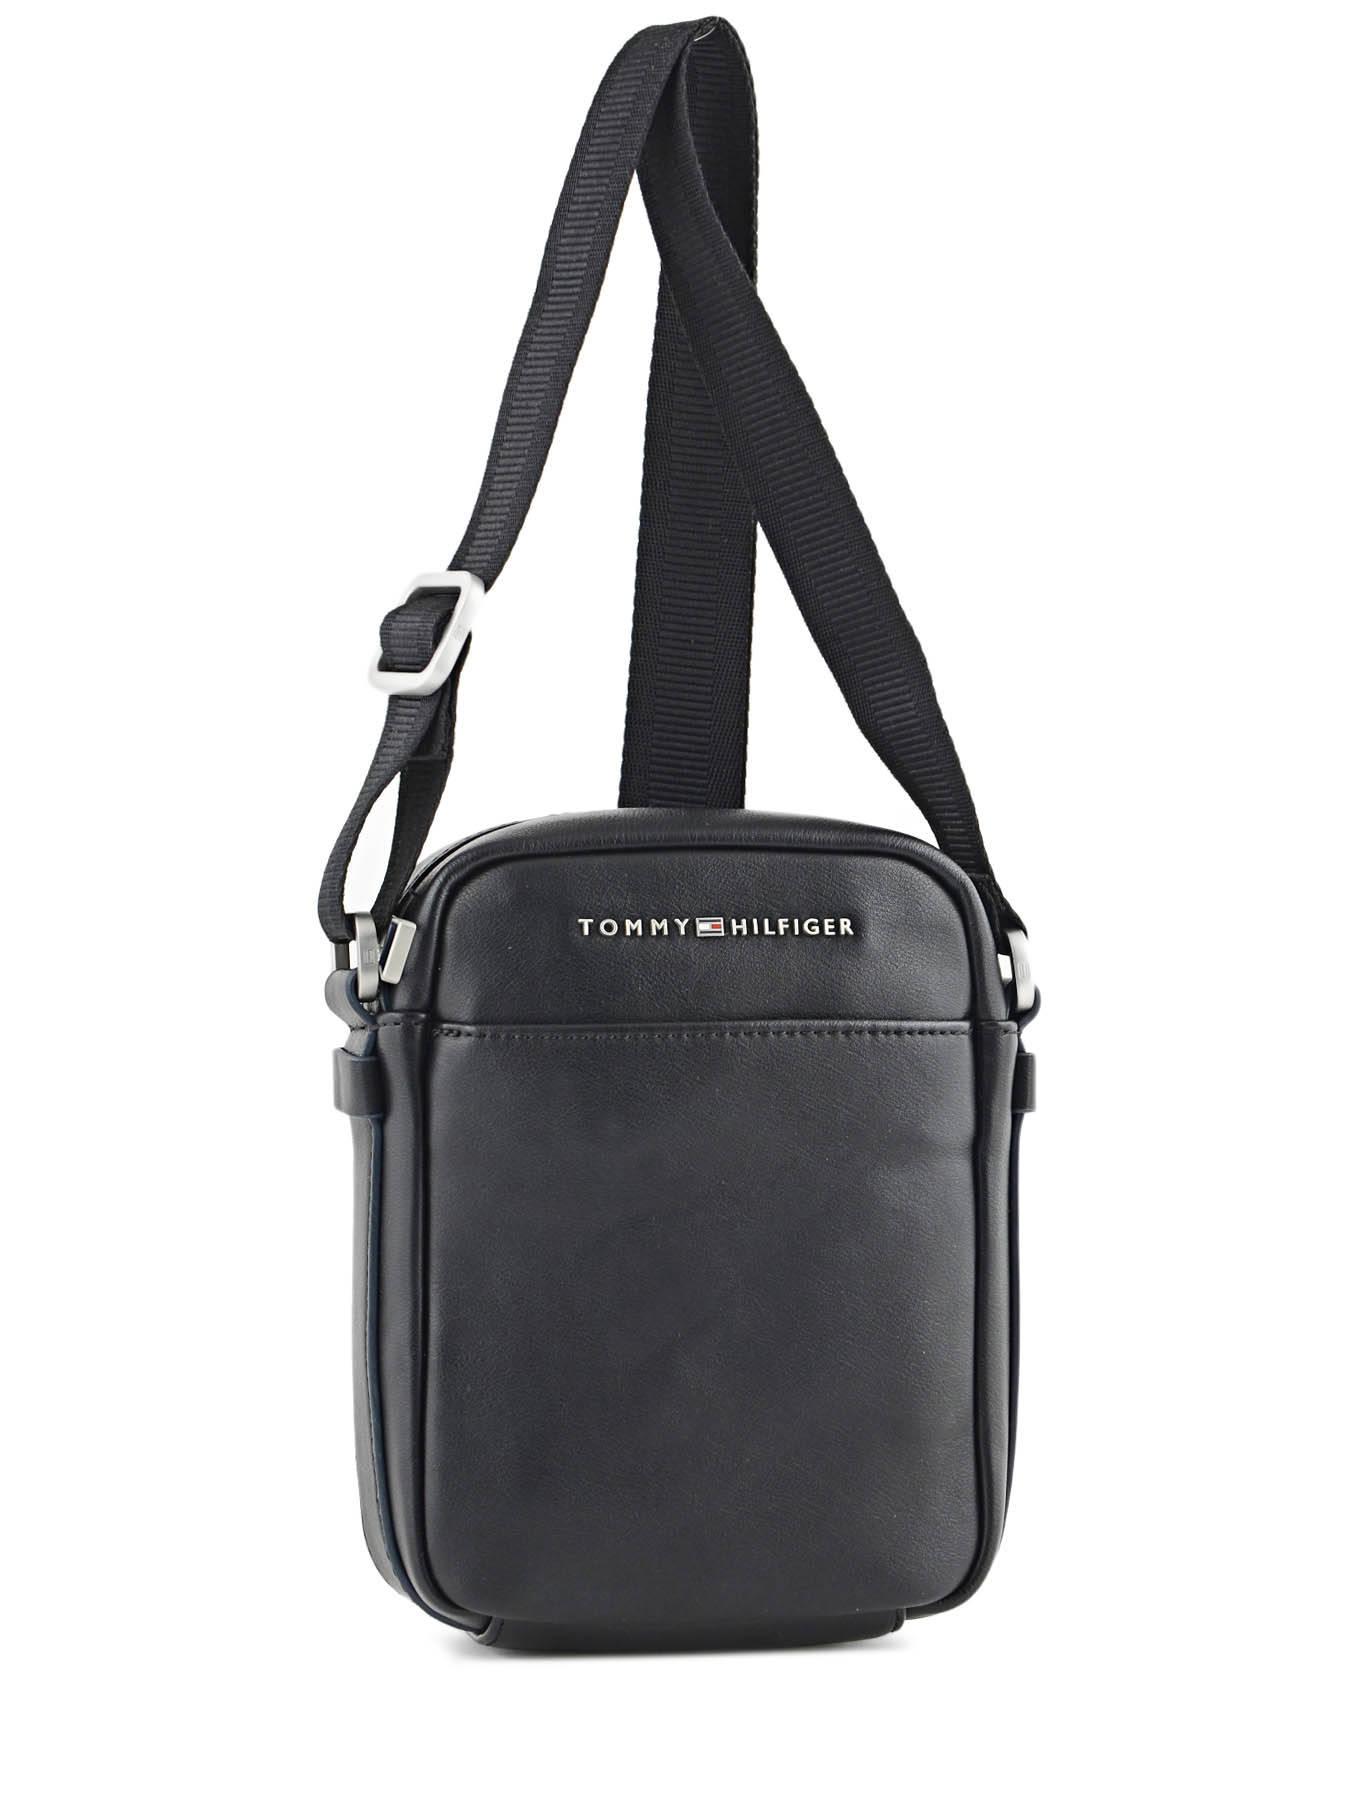 Crossbody Bag Tommy hilfiger Black th city AM01941